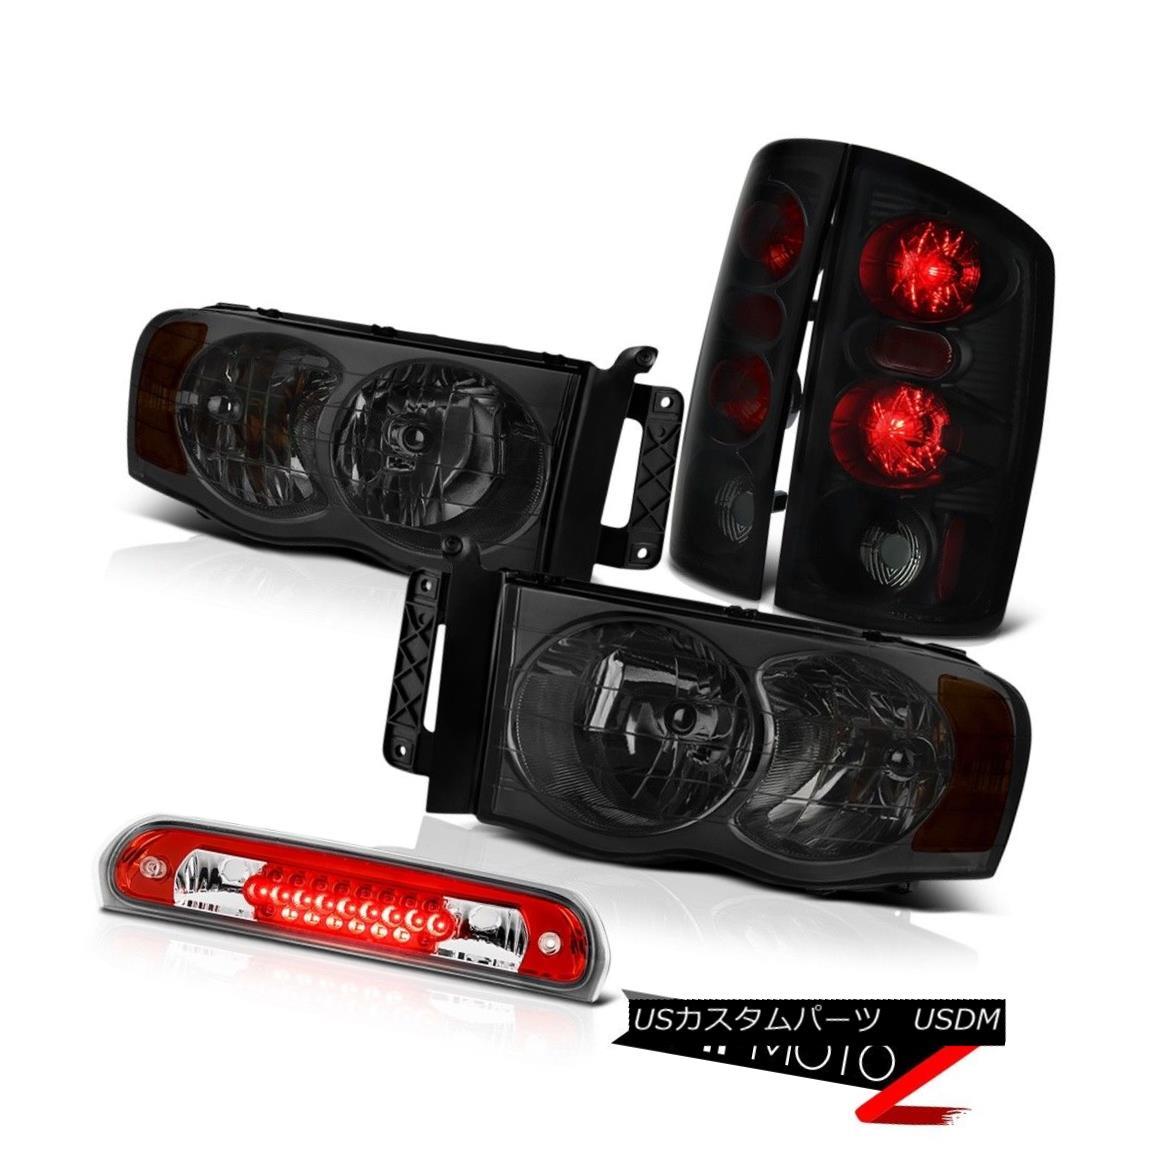 テールライト Left Right Smoke Headlights Brake Tail Lamps 3rd Red LED 02 03 04 05 Ram SRT-10 左右スモークヘッドライトブレーキテールランプ3番赤LED 02 03 04 05ラムSRT-10